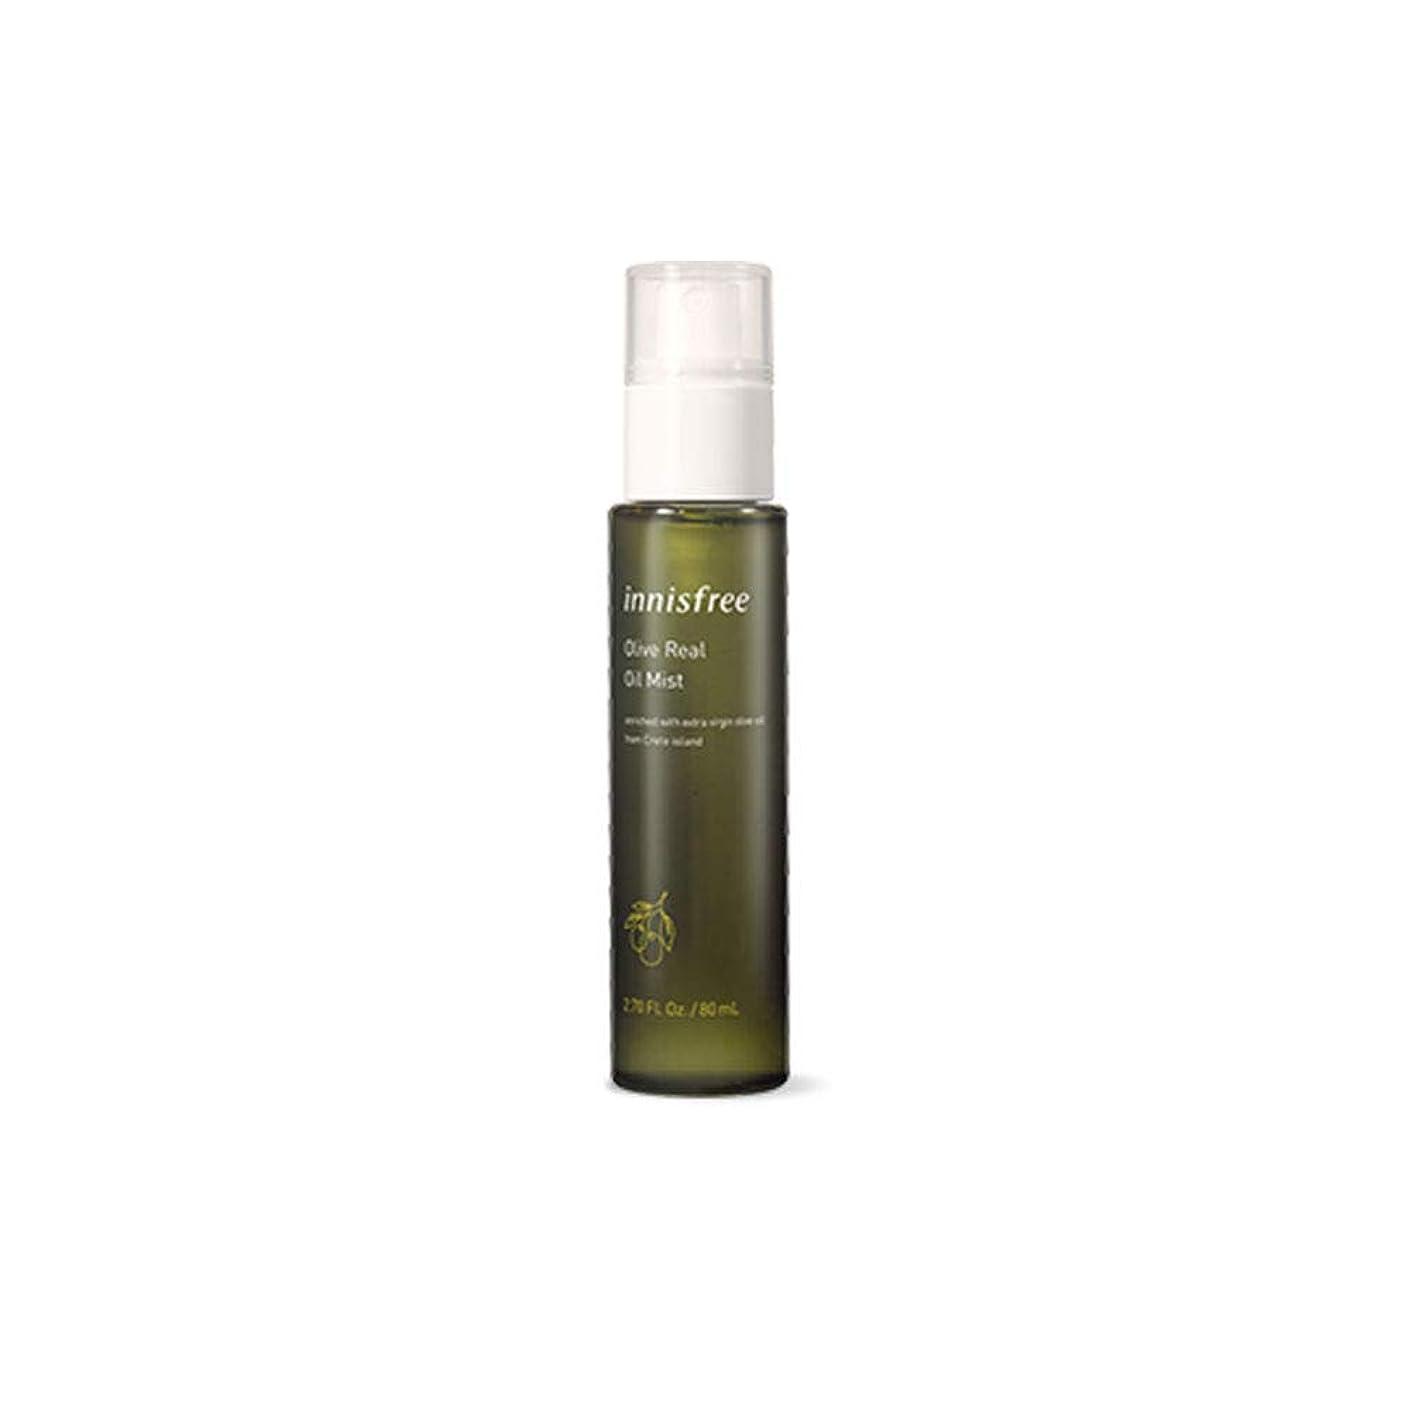 白い素敵な空洞NEW[イニスフリー] Innisfree オリーブ リアル オイル ミスト EX(80ml) Innisfree Olive Real Oil Mist EX(80ml) [海外直送品]